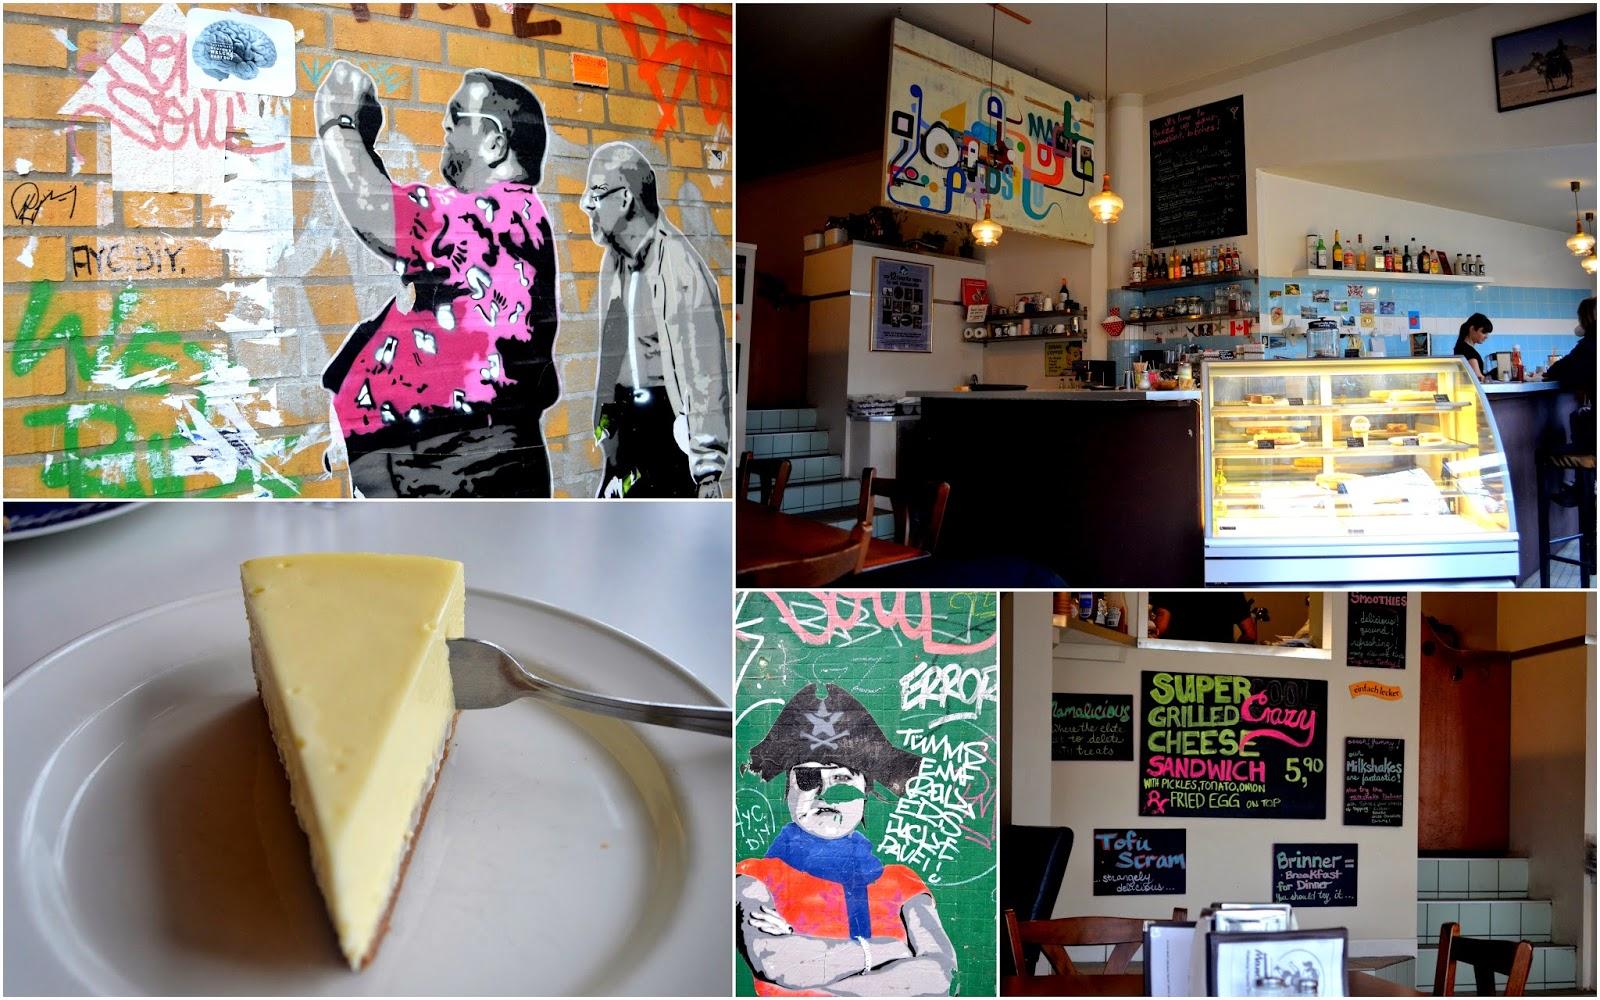 Hamburg, New York Cheesecake, Mamalicious